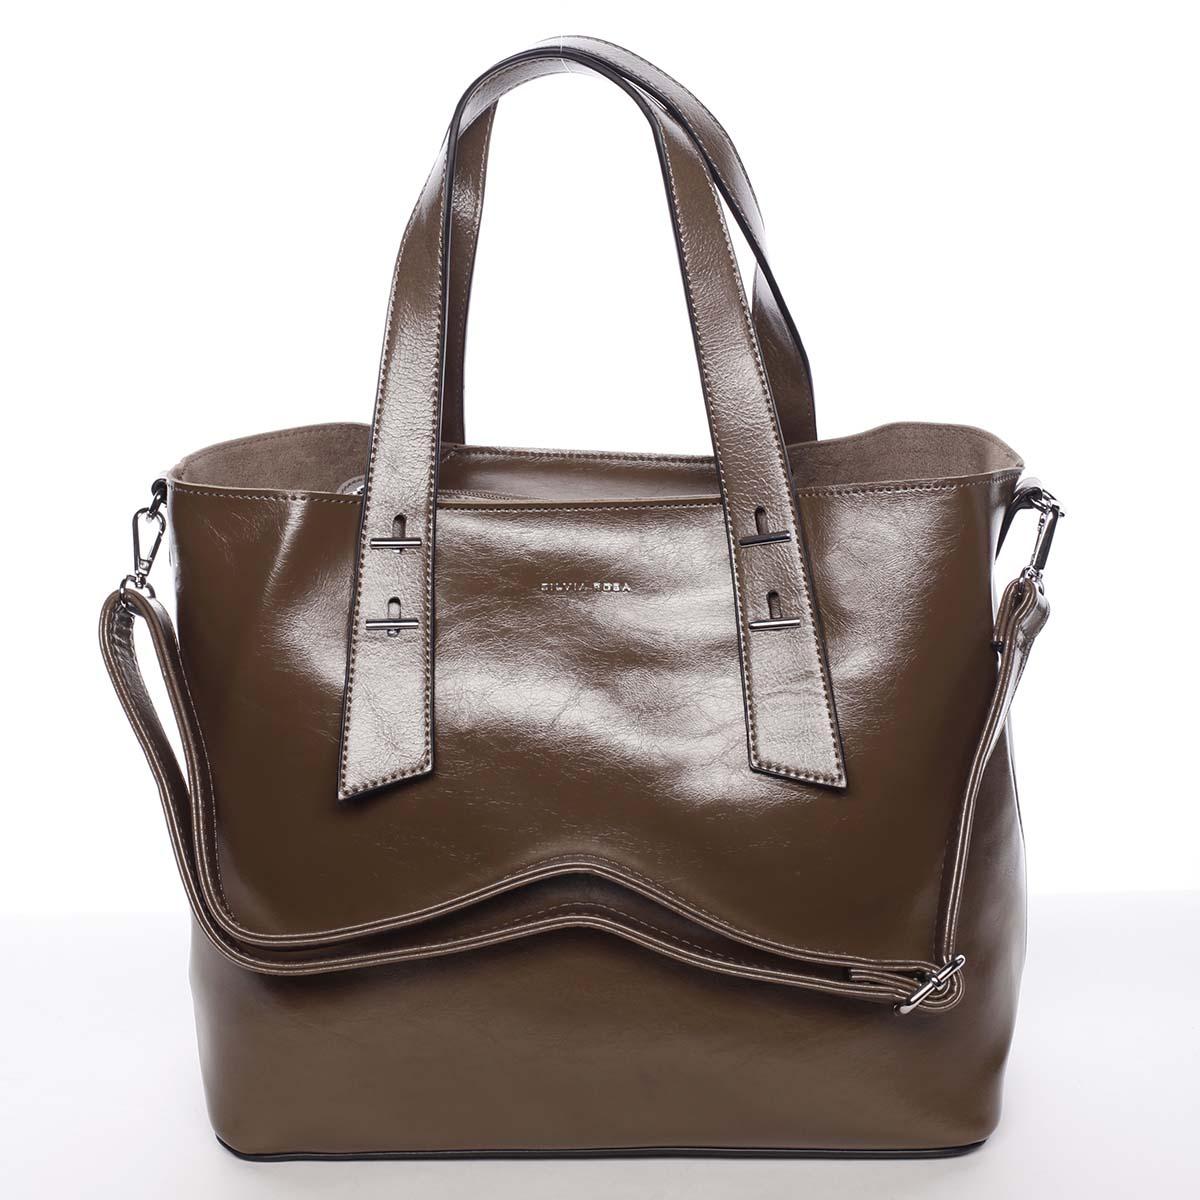 Větší dámská elegantní tmavě hnědá kabelka - Silvia Rosa Selina hnědá